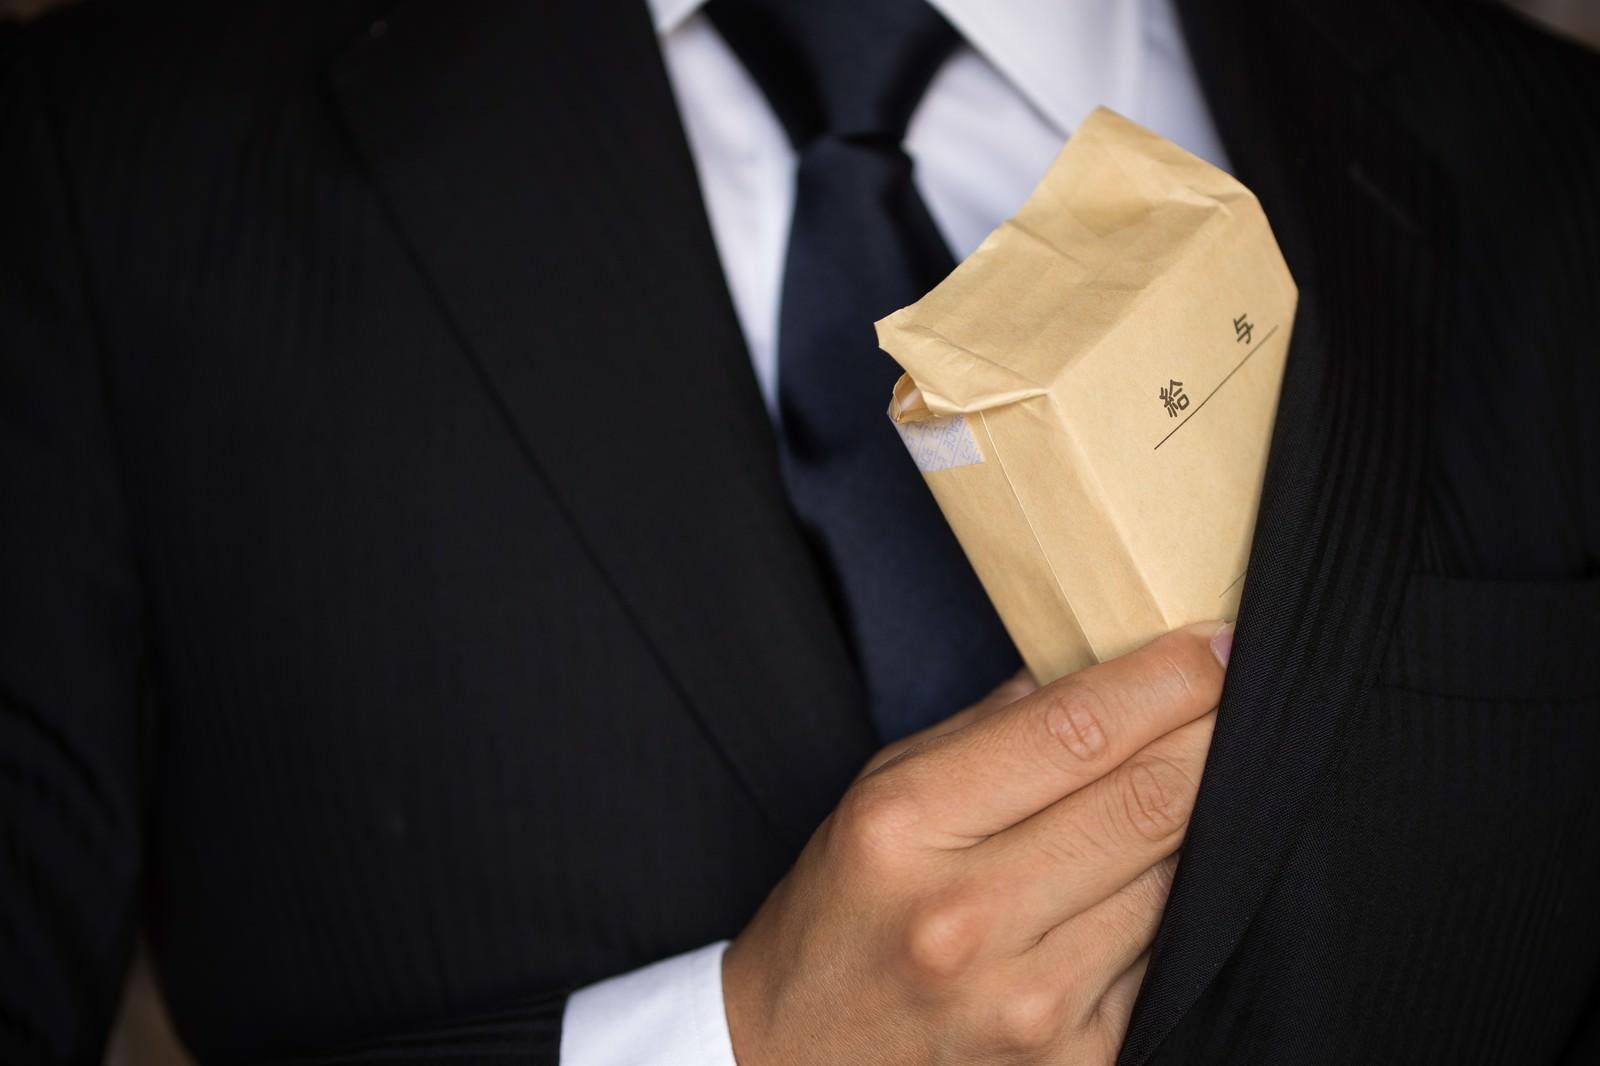 「給料もらいすぎて内ポケットに入らないでござる」の写真